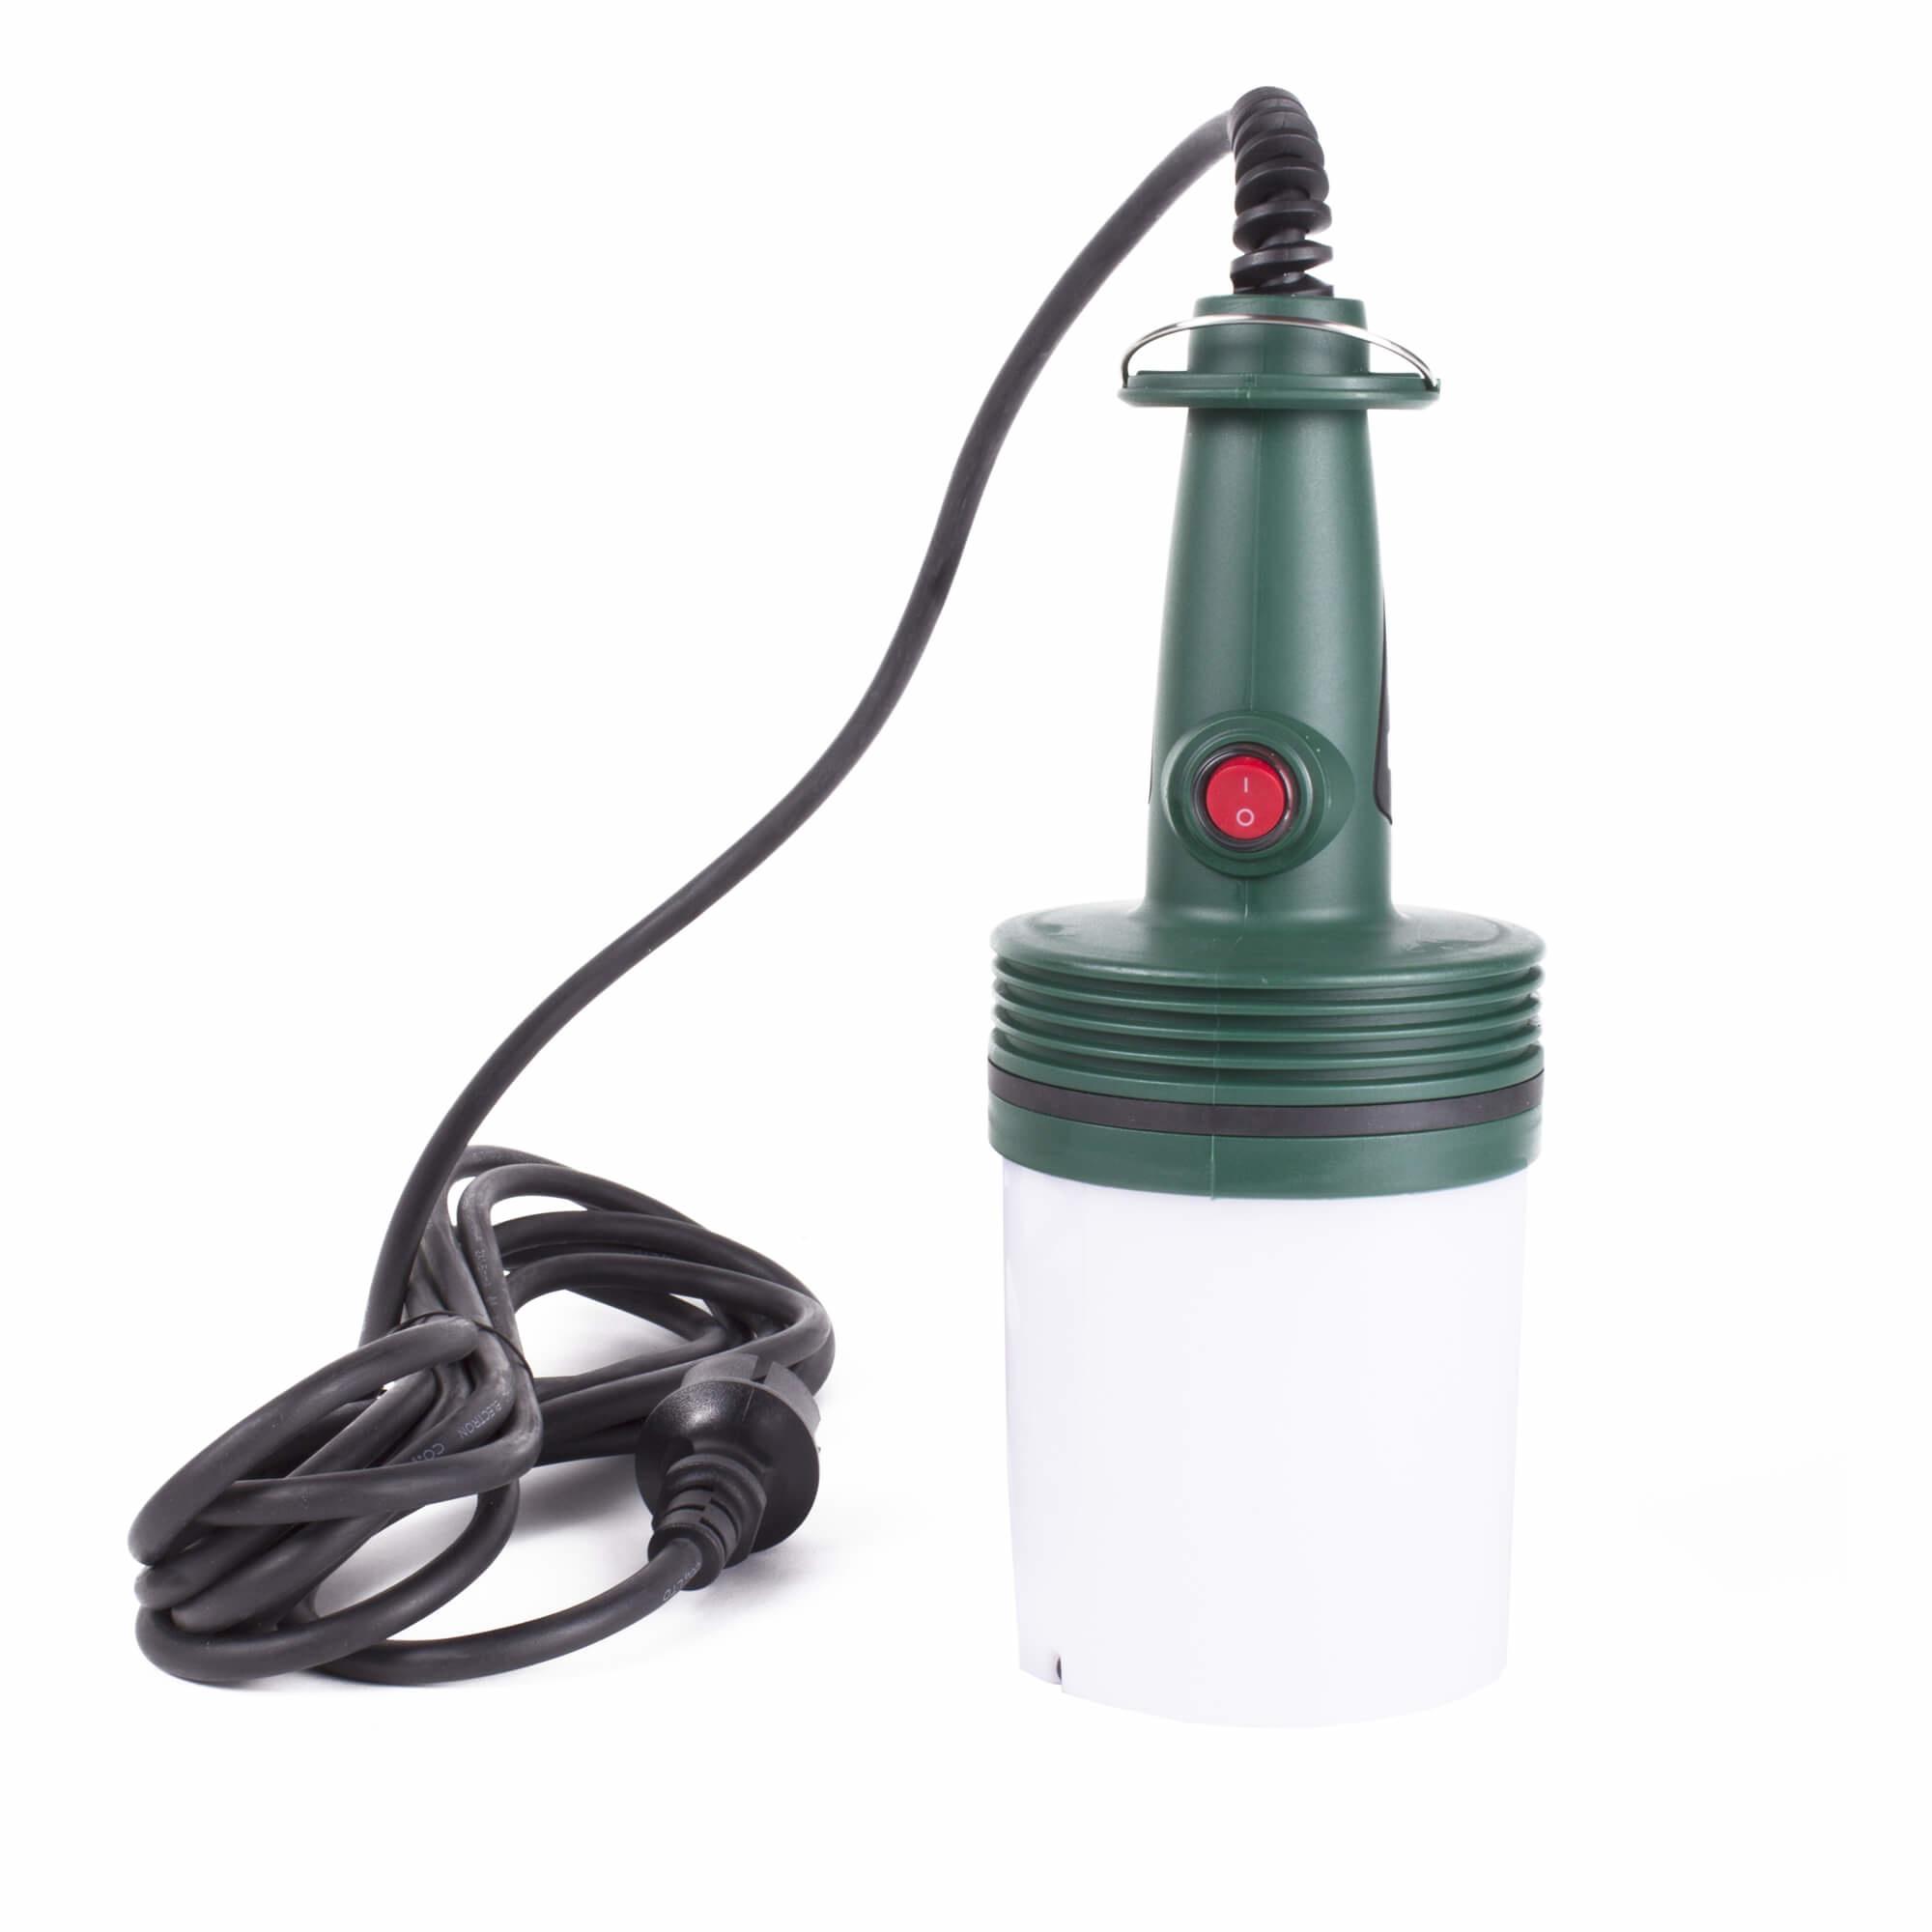 Hofftech LED Looplamp met Haak - 5 meter - Warmwit 4000K - 11 x 27 cm.